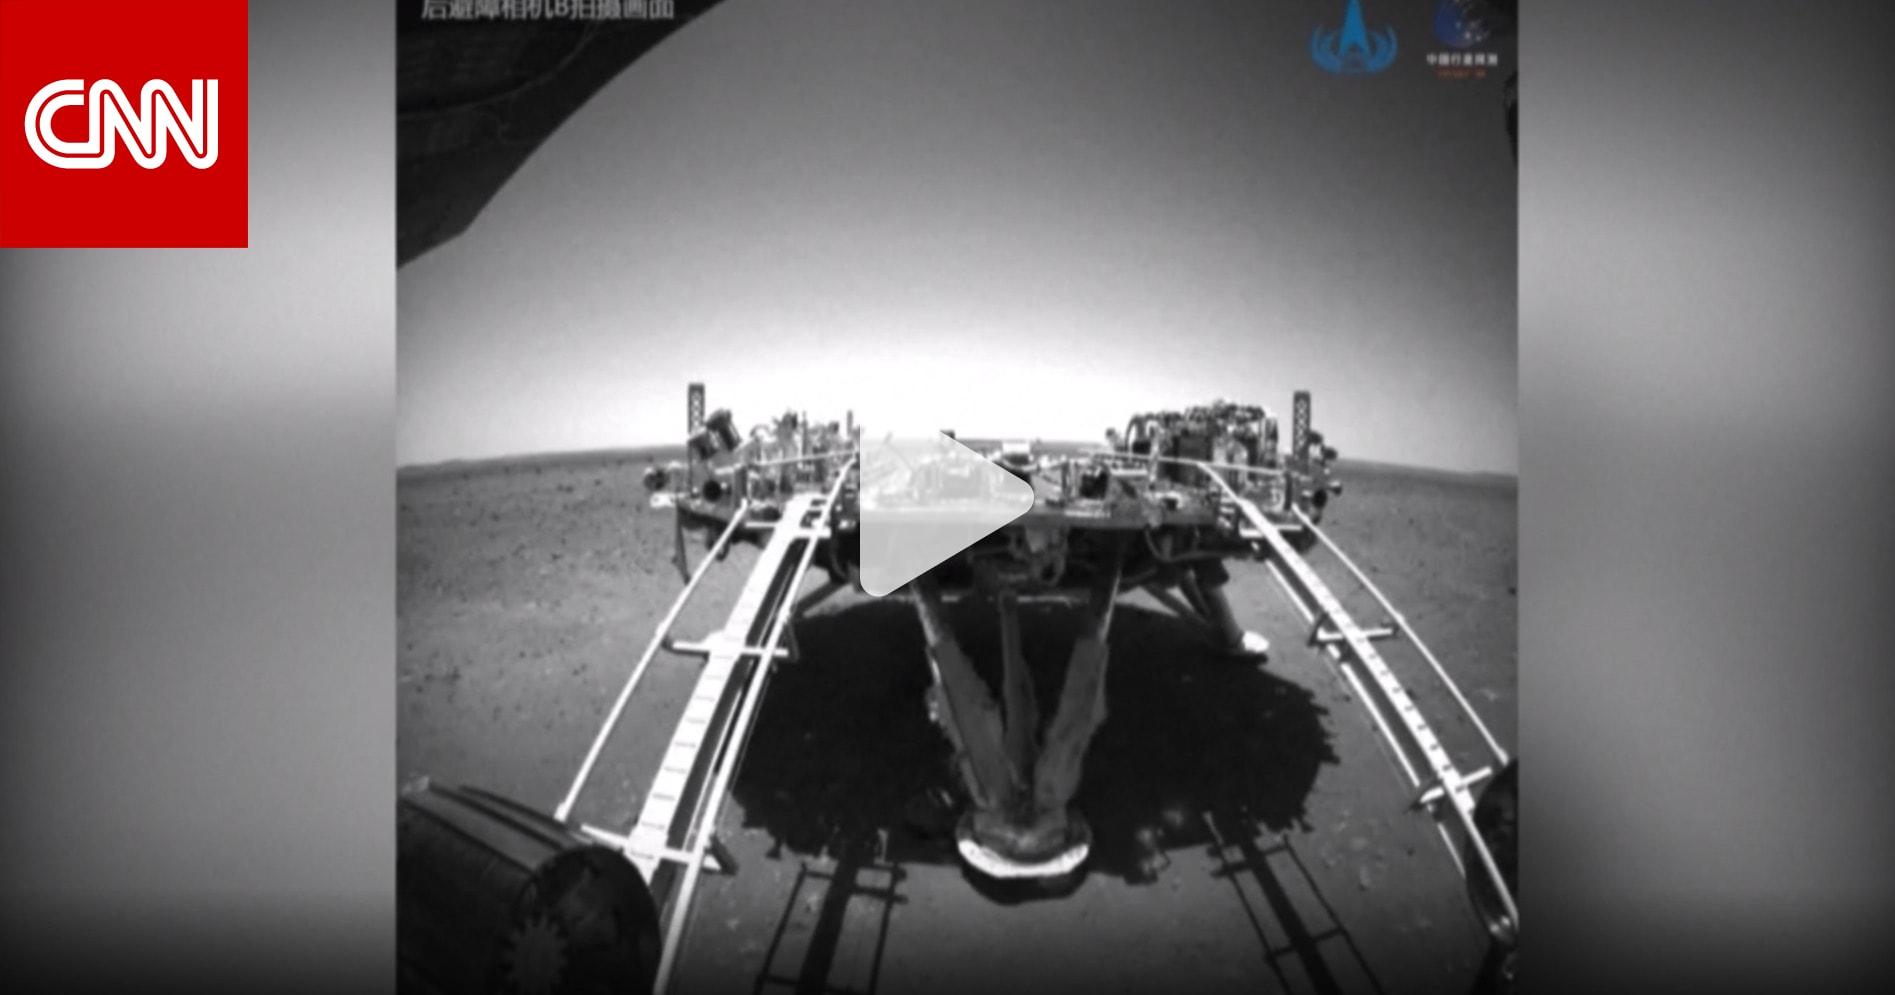 شاهد مركبة الصين إلى المريخ تأخذ أولى خطواتها على الكوكب الأحمر